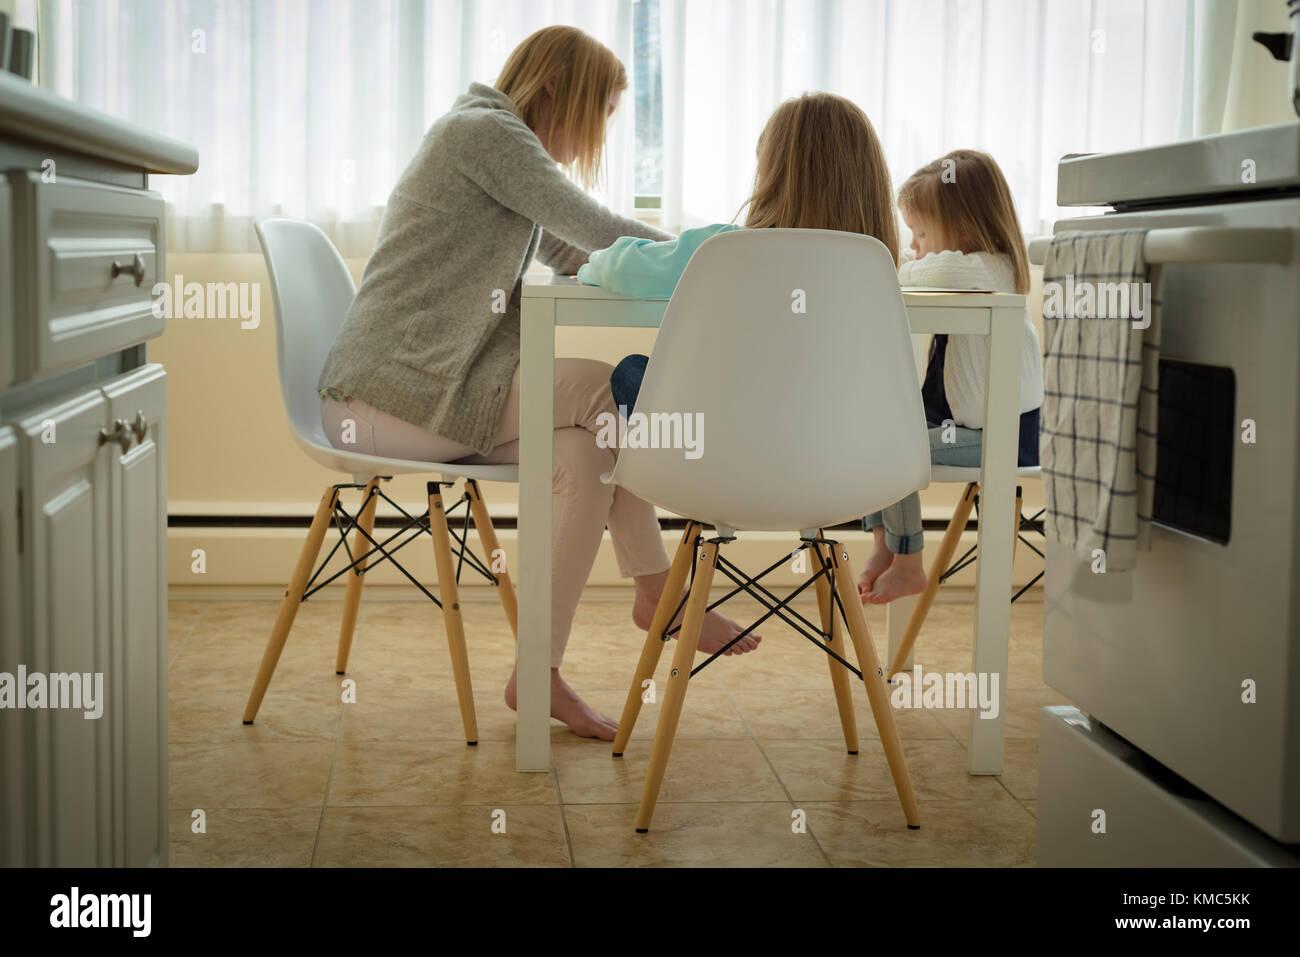 Madre ayudando a sus hijos en los estudios Imagen De Stock